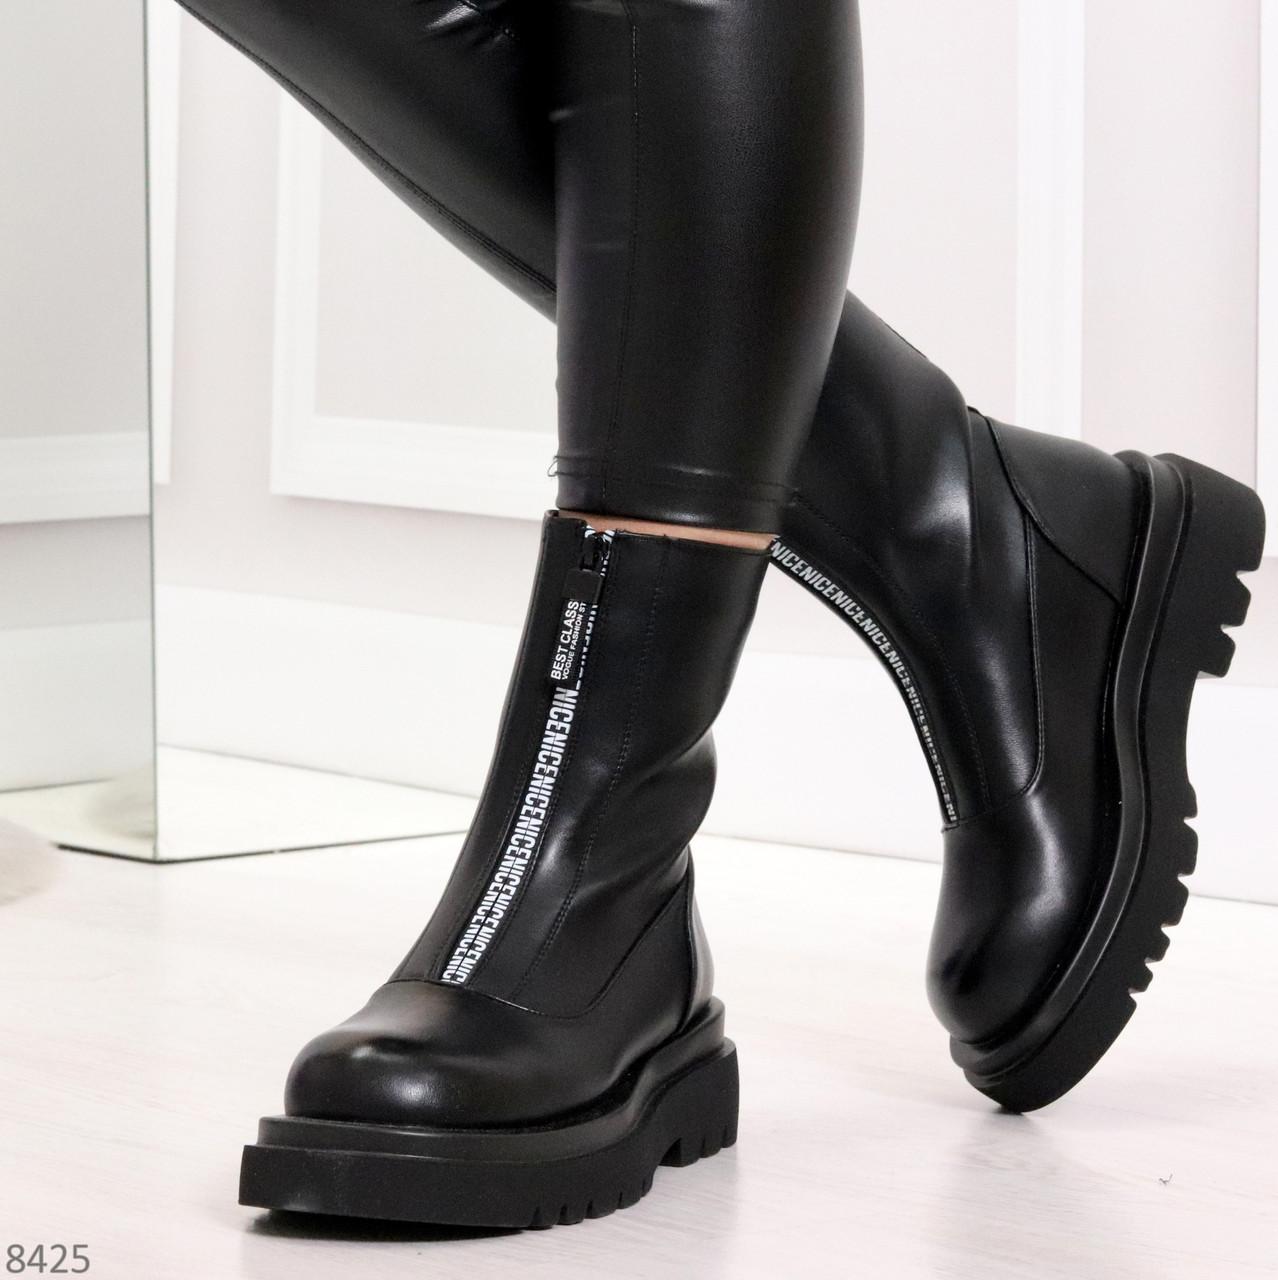 Эффектные трендовые черные женские ботинки челси на низком ходу 36-23см